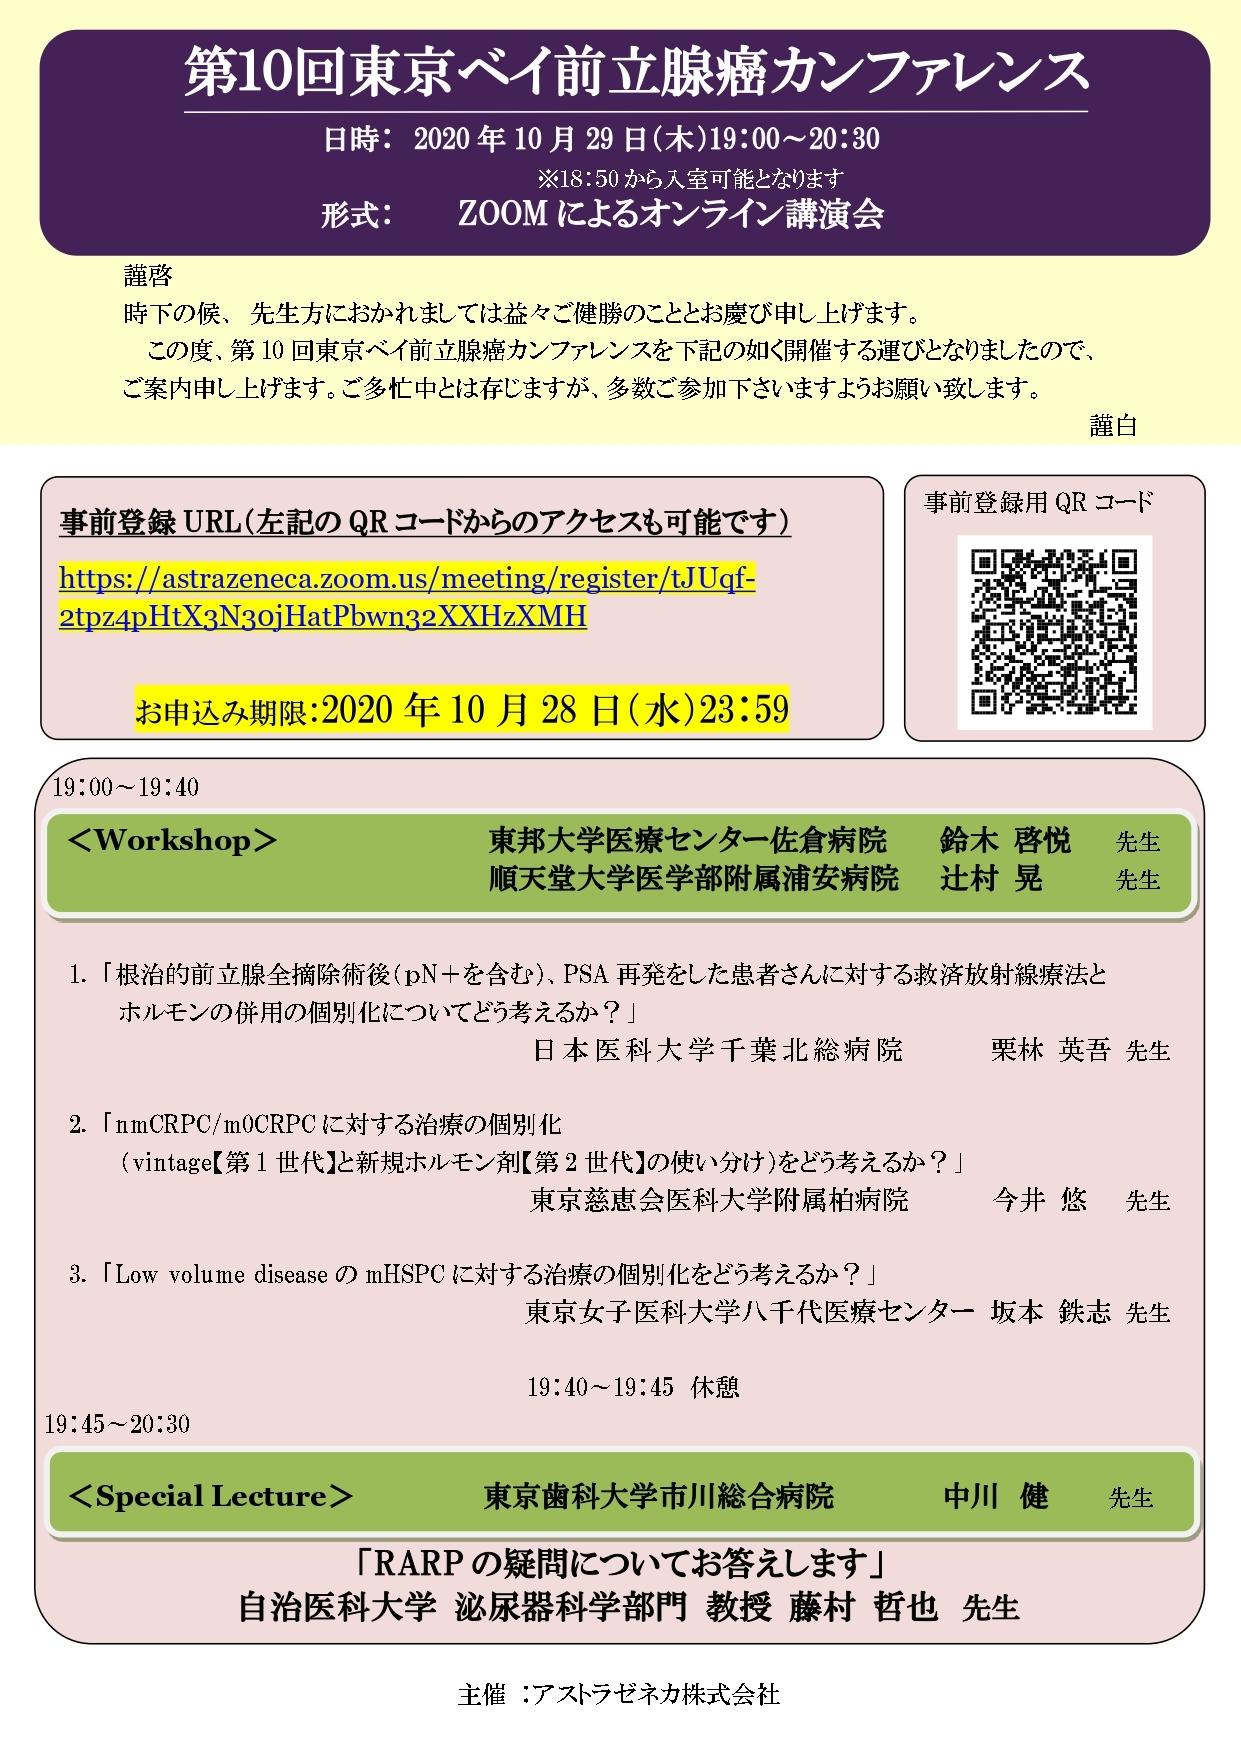 東京ベイ前立腺癌カンファレンス